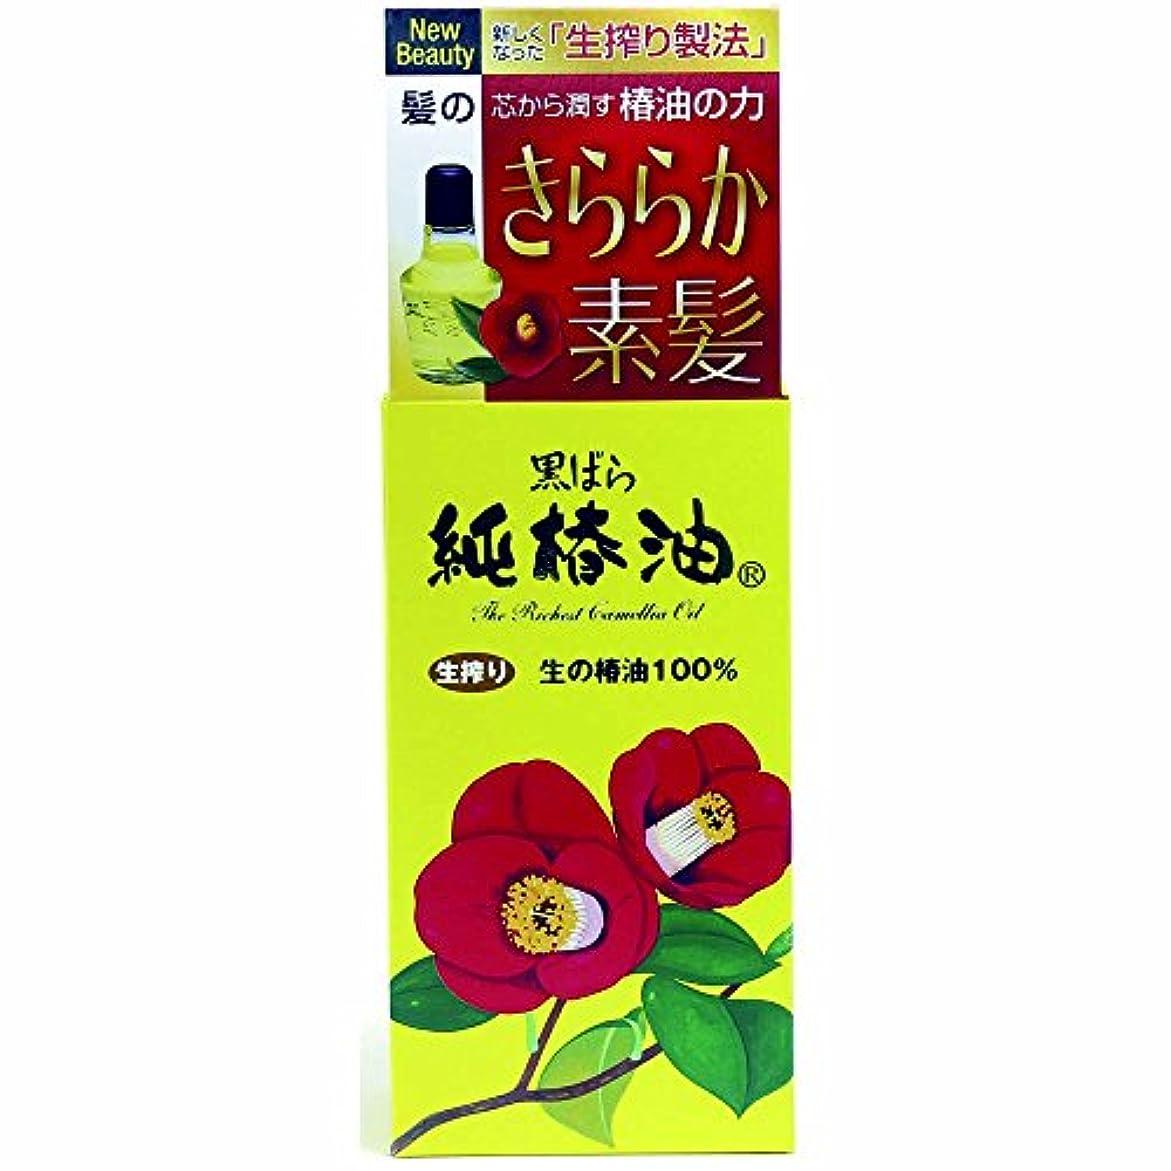 保全離れてフォーム黒ばら 純椿油 (72mL)